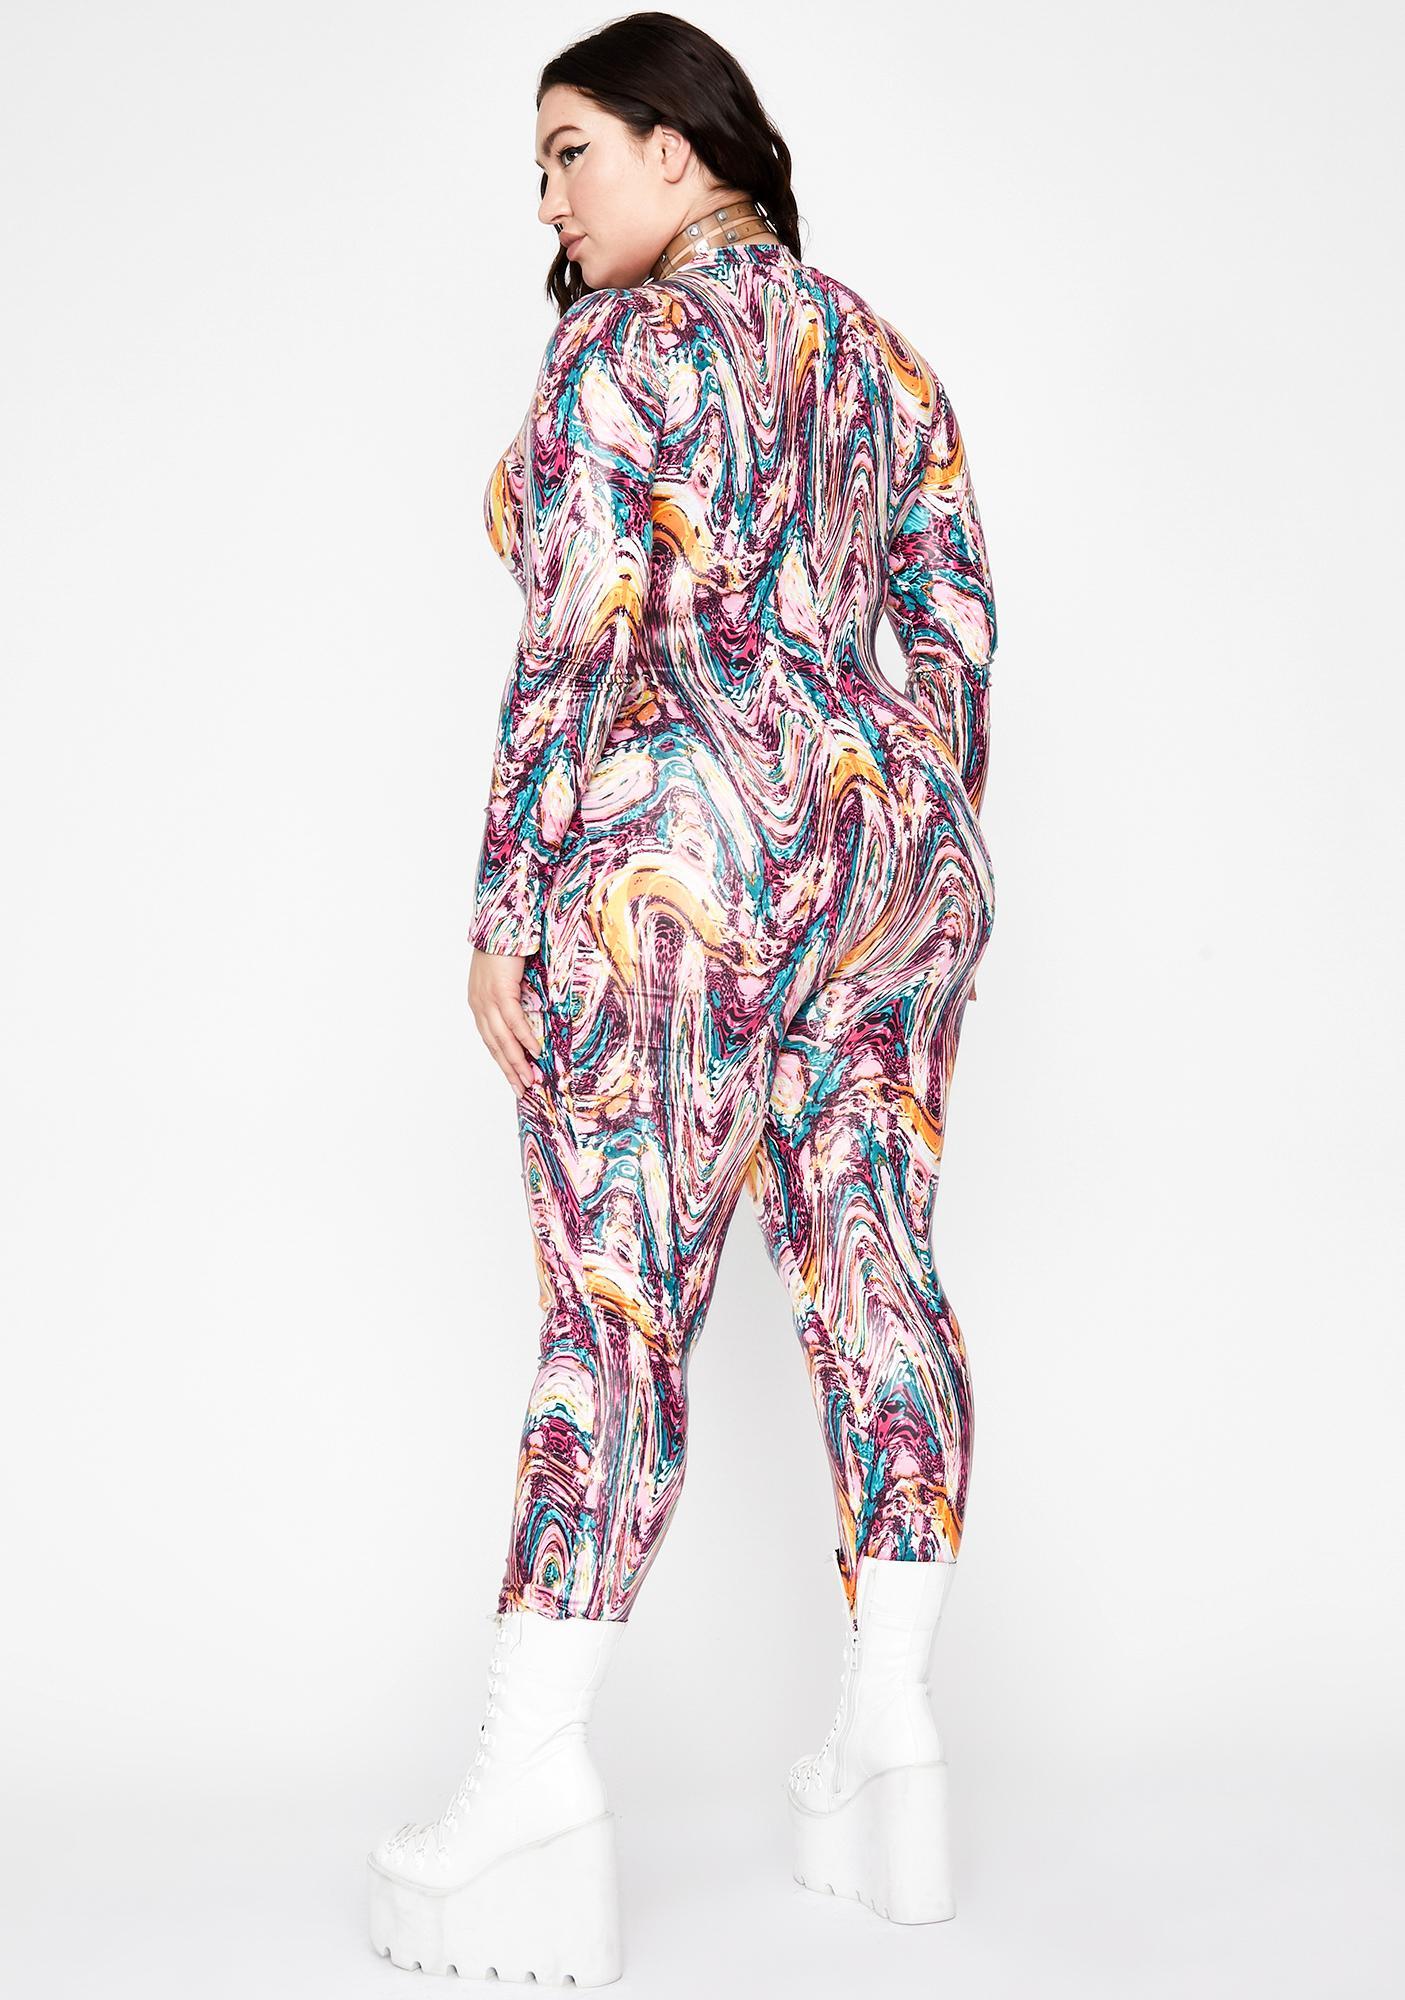 Mermaid Lux Dip N' Drip Zip Up Jumpsuit